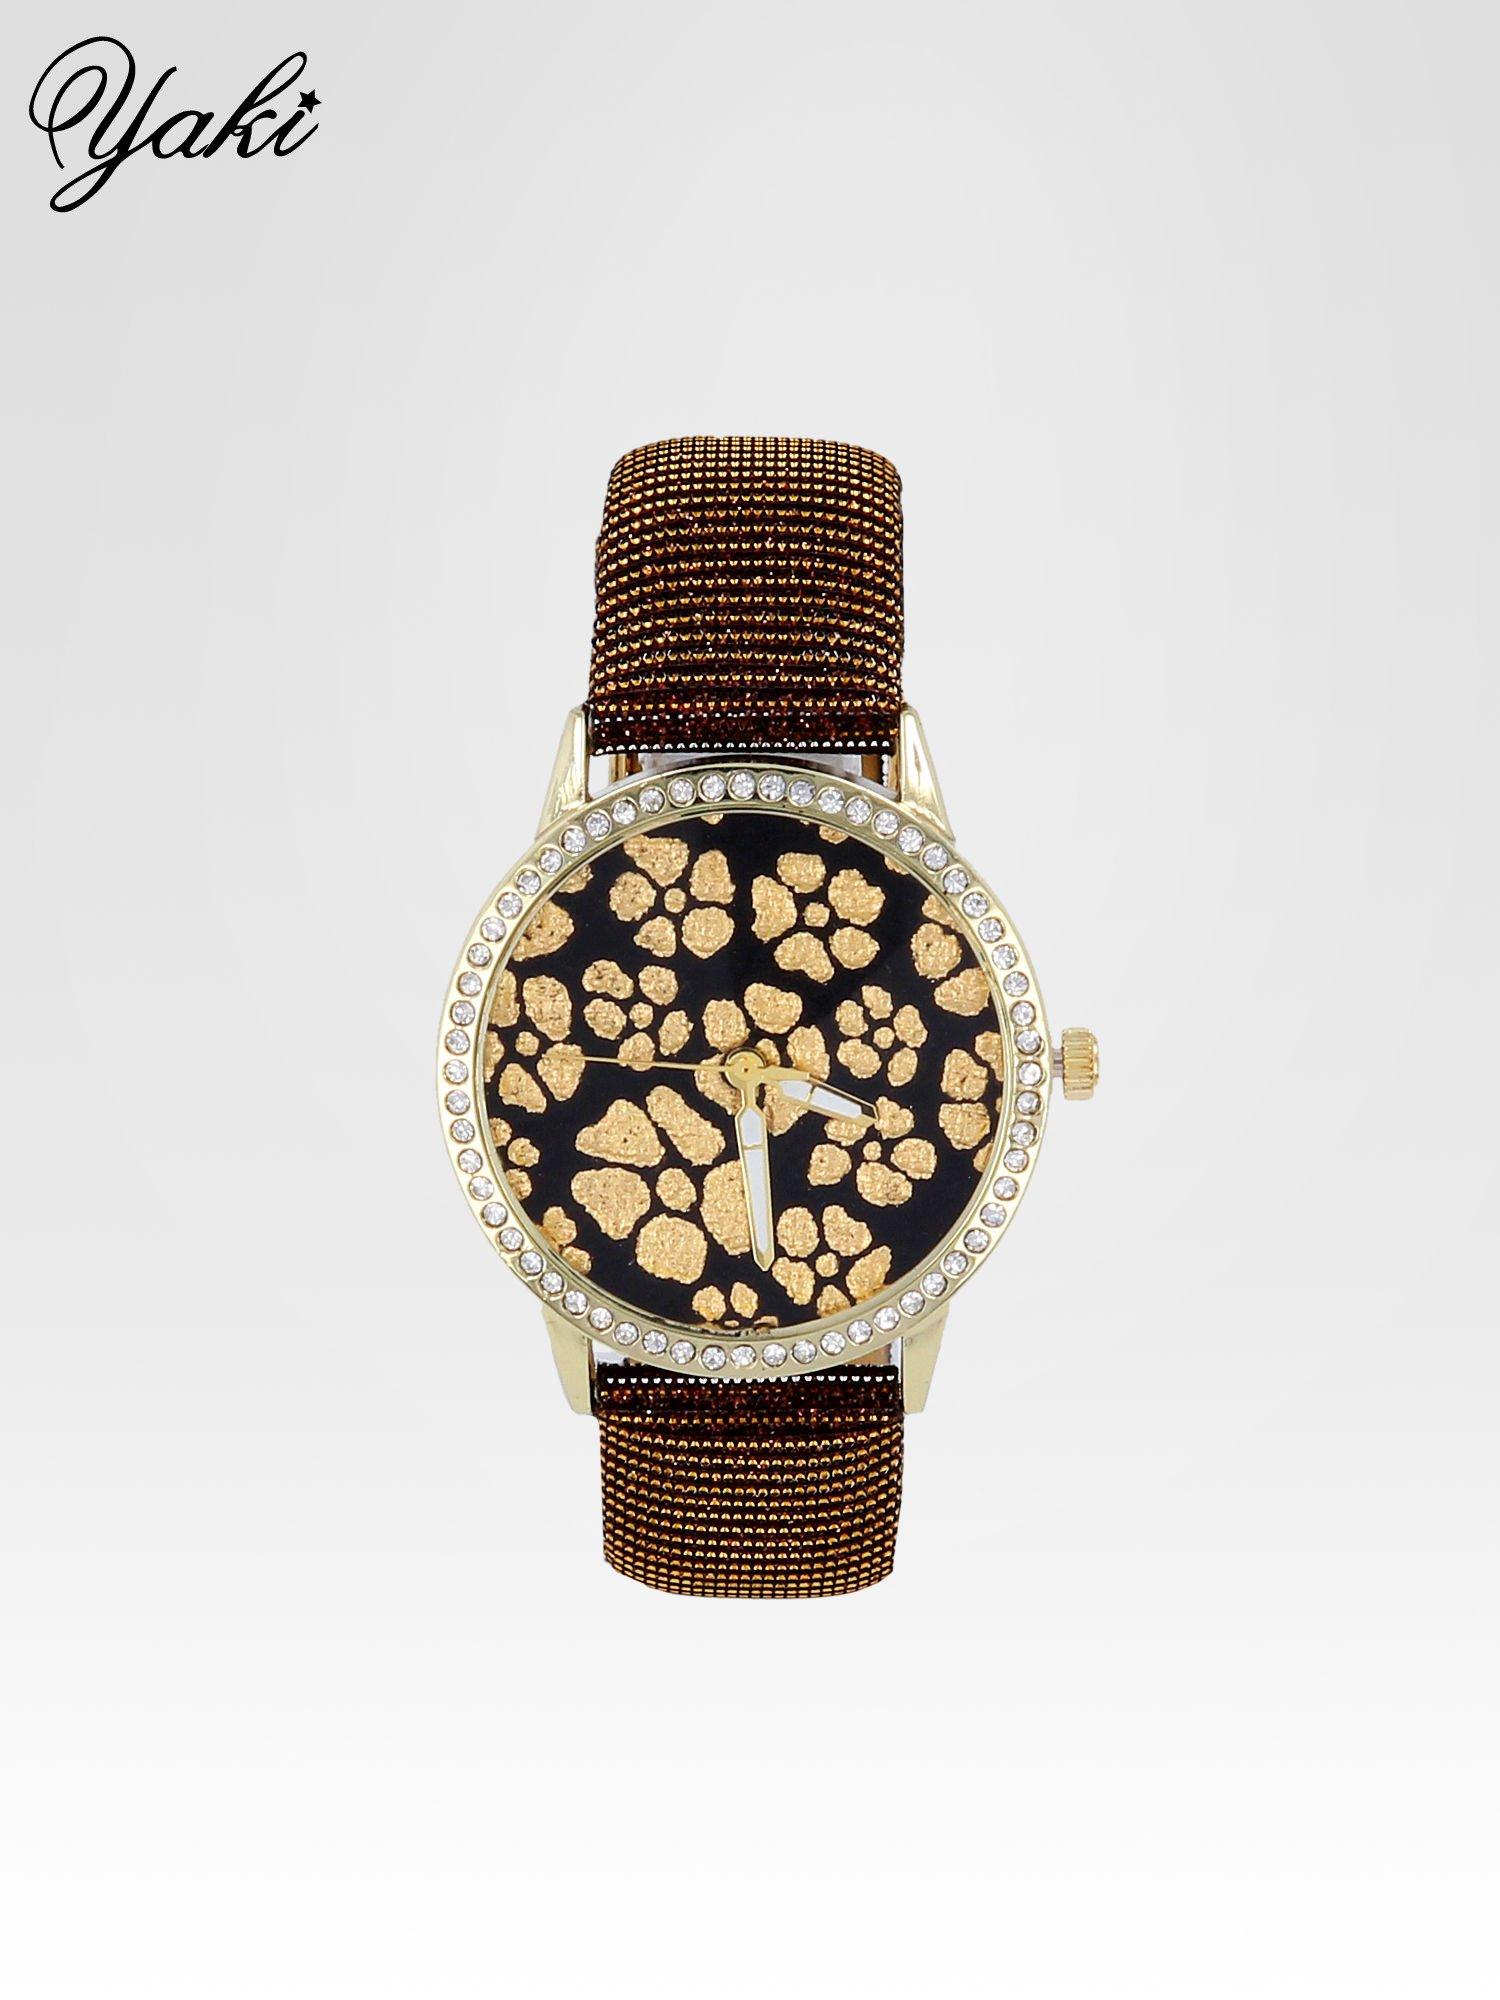 Brązowy zegarek damski na błyszczącym paski z cyrkoniami na kopercie                                  zdj.                                  1